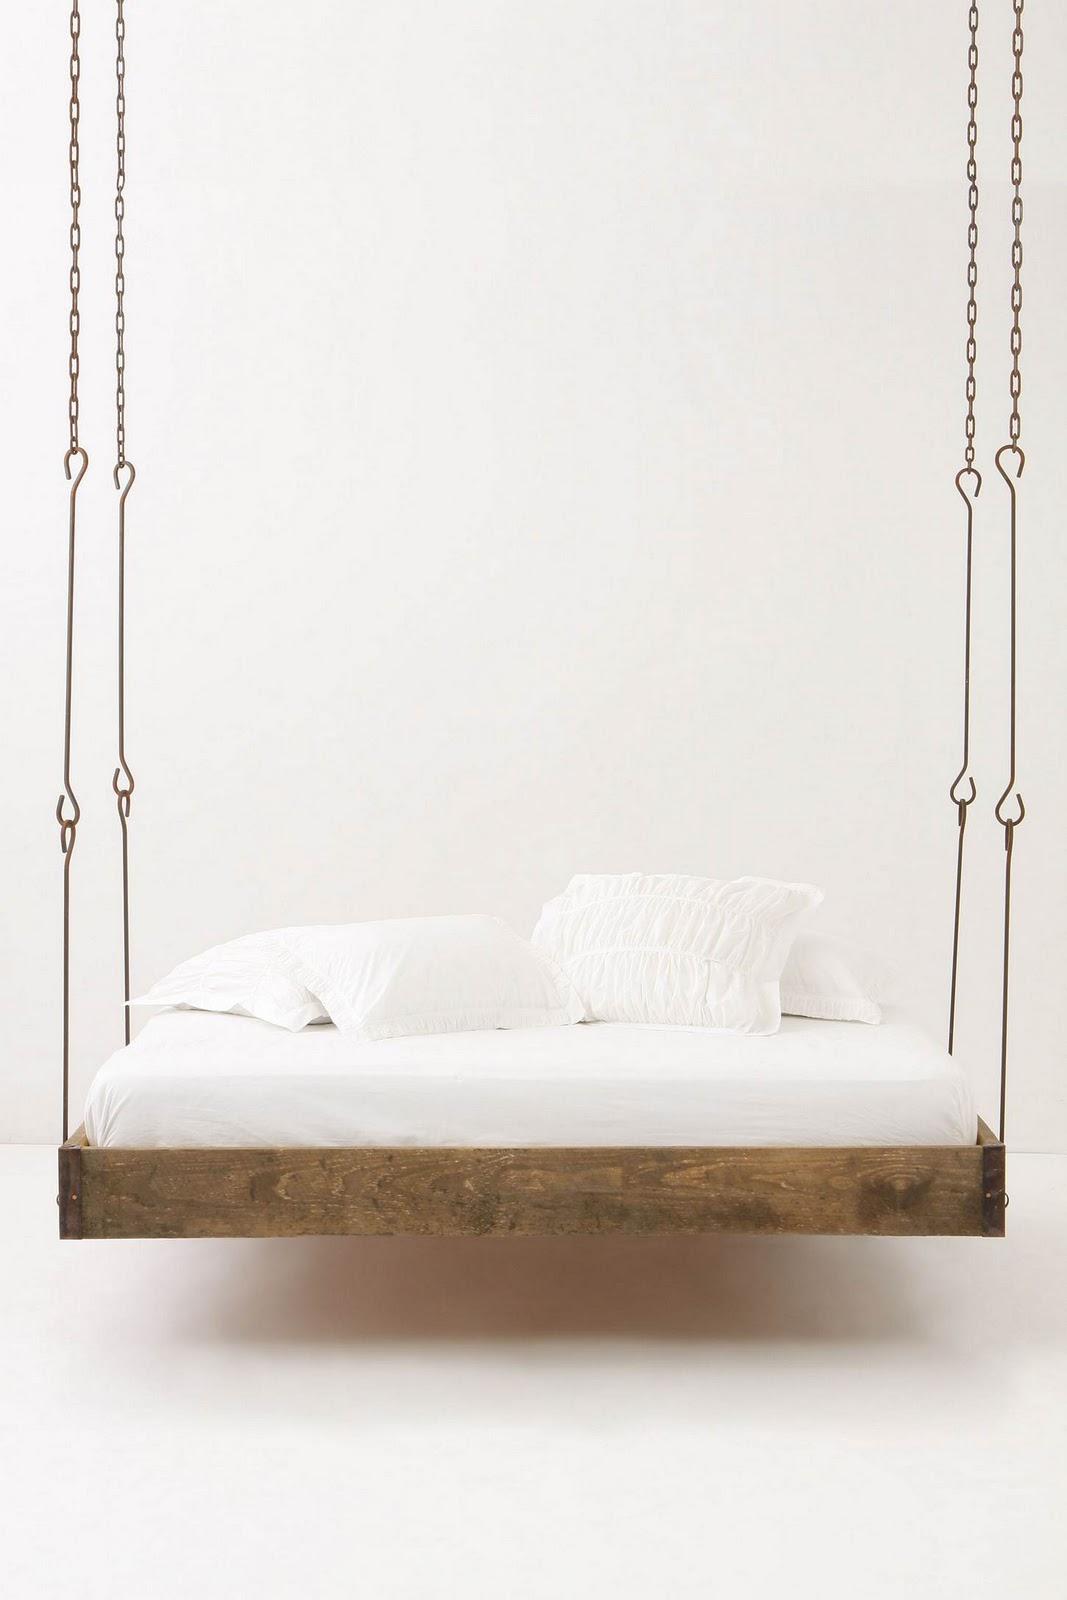 Barnwood hanging bed blue badger for Hanging bed